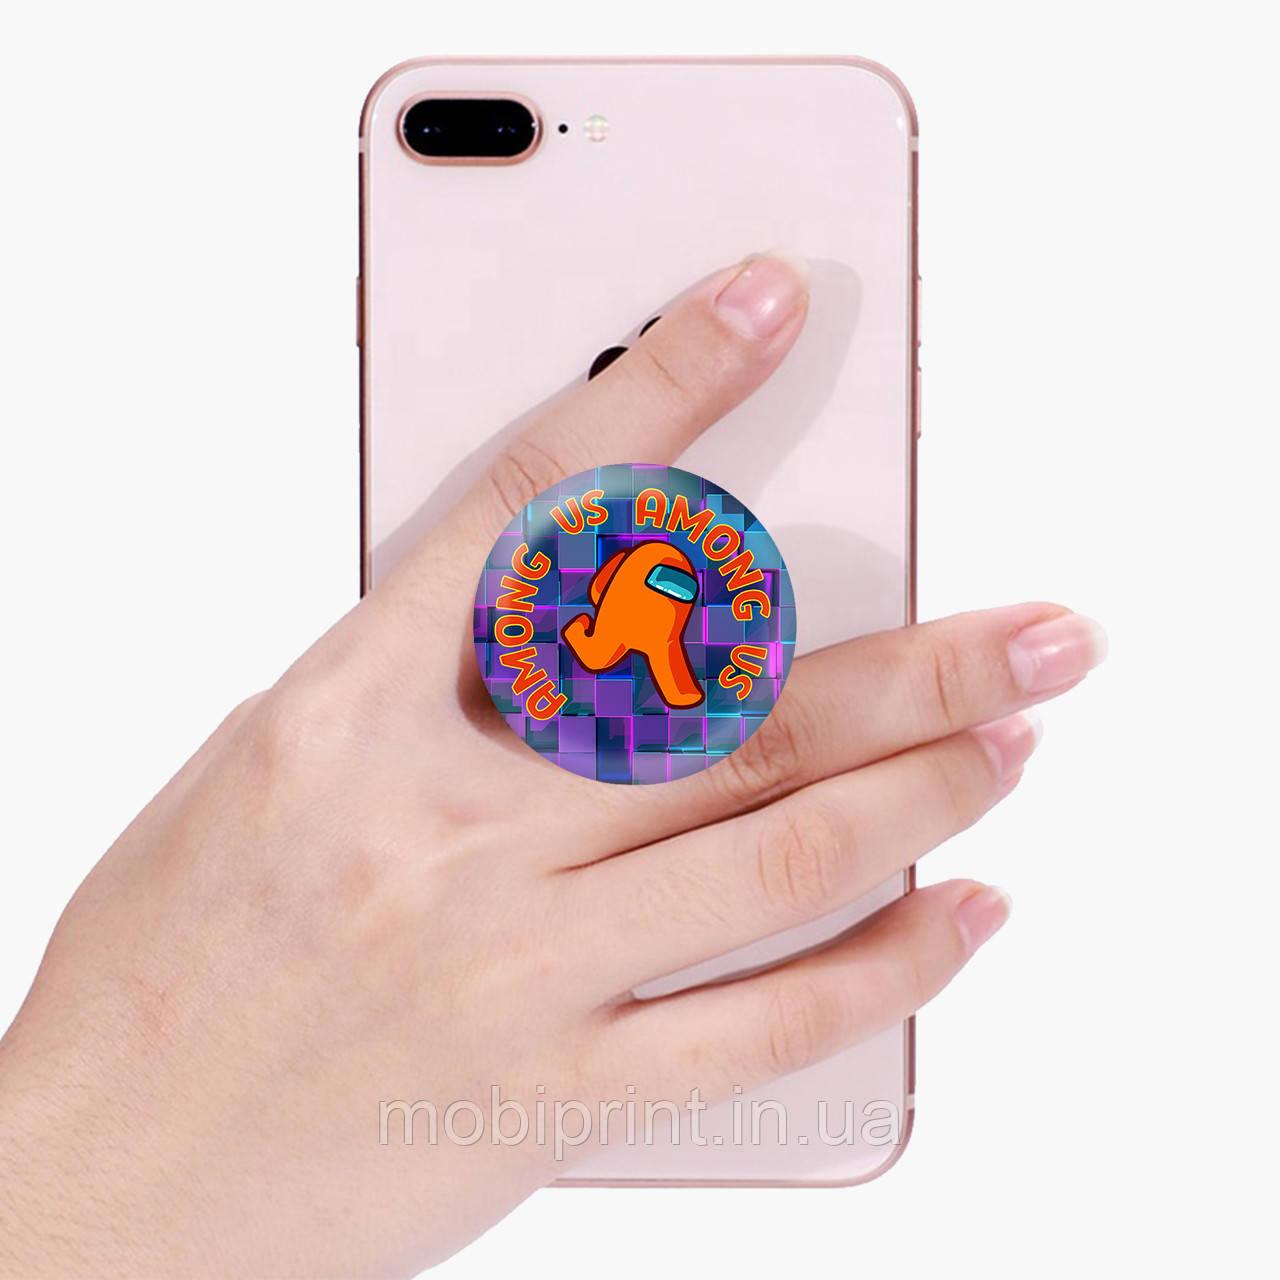 Попсокет (Popsockets) держатель для смартфона Амонг Ас Оранжевый (Among Us Orange)  (8754-2408)